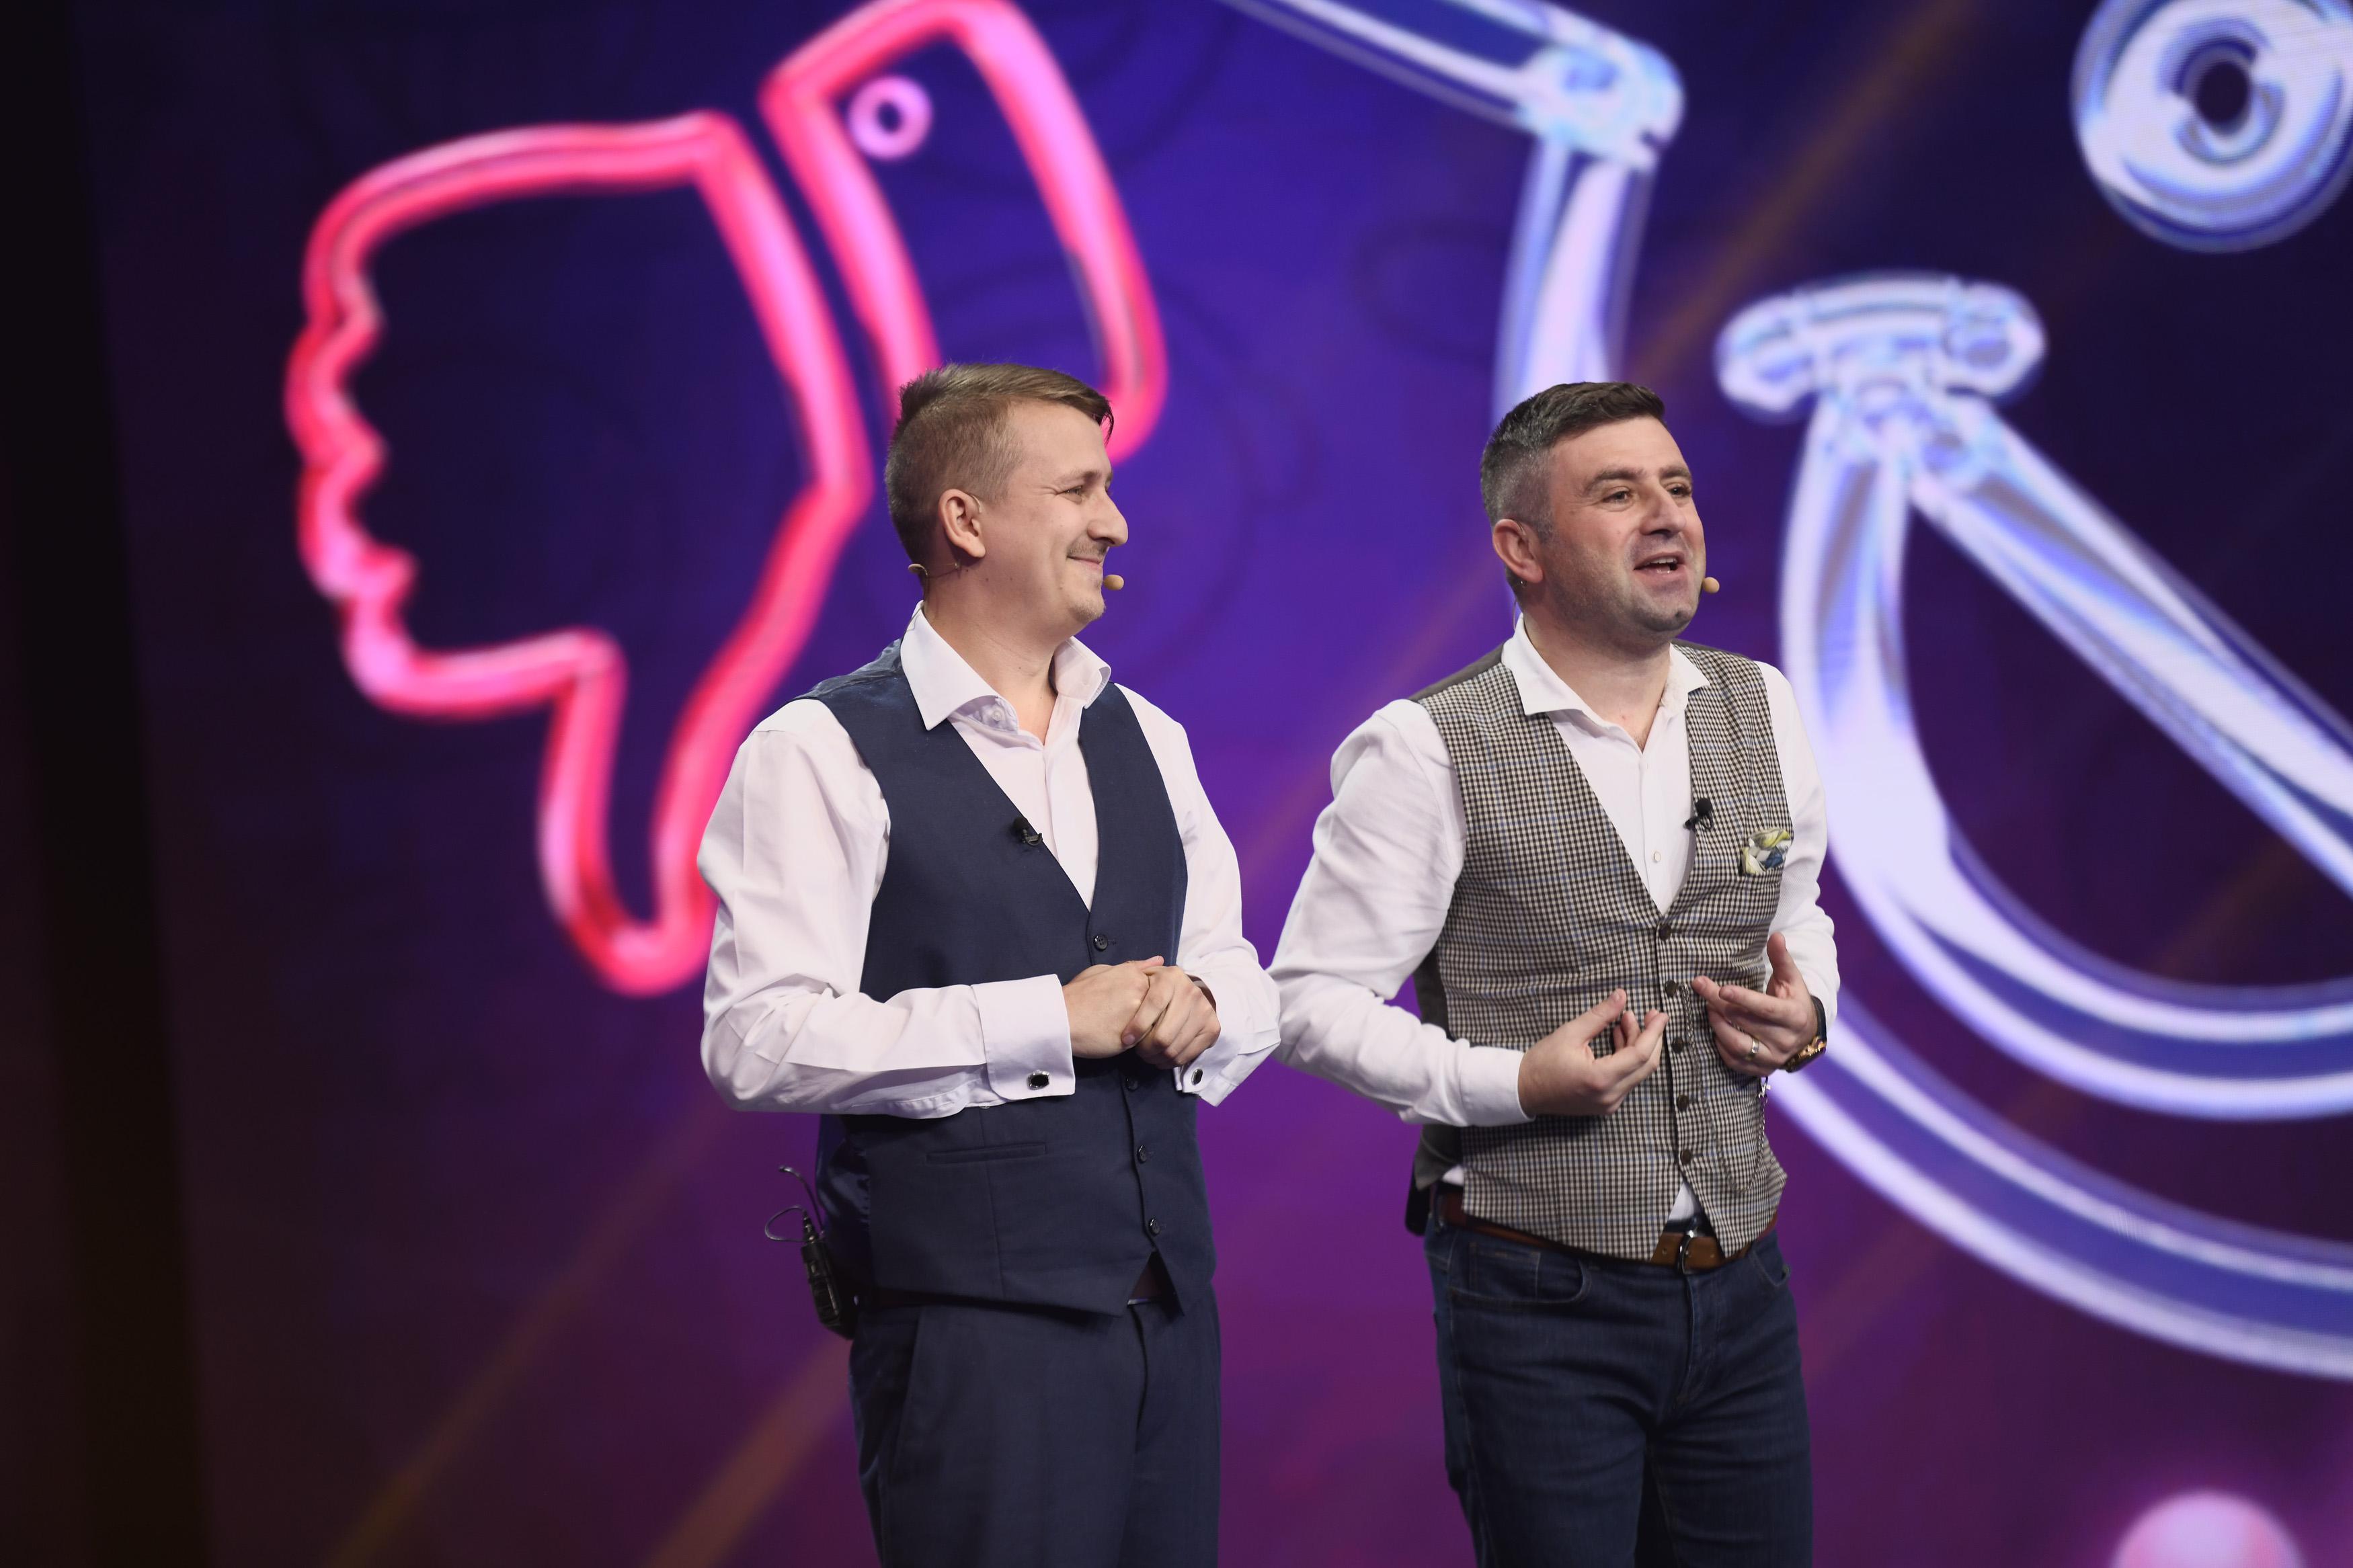 iUmor 2020, Semifinala. Hari Gromoșteanu și Mihai Costea au venit cu o baladă despre jurați și prezentatori